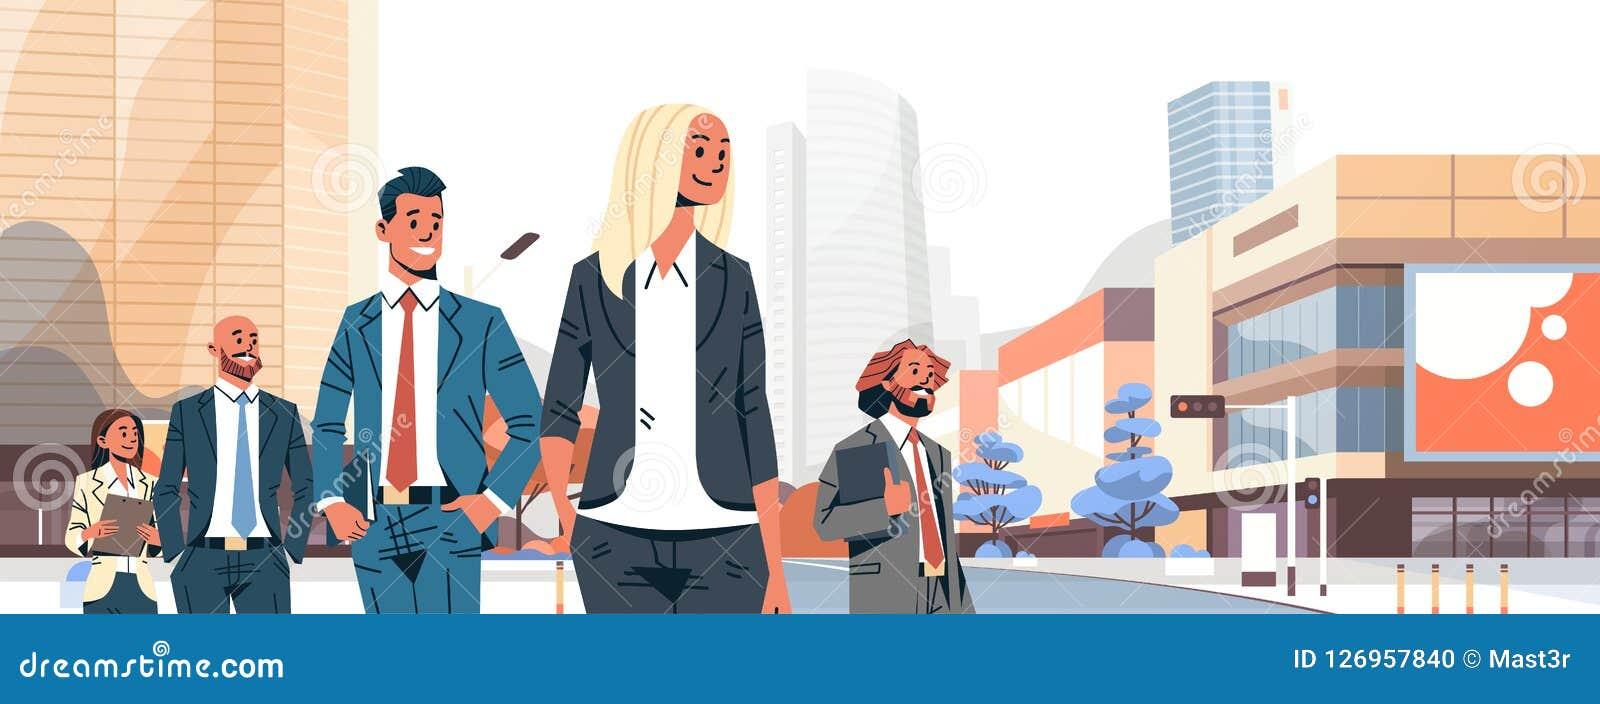 Les gens d affaires groupent les femmes réussies d hommes d équipe diverse au-dessus du portrait hommes-femmes de personnage de d